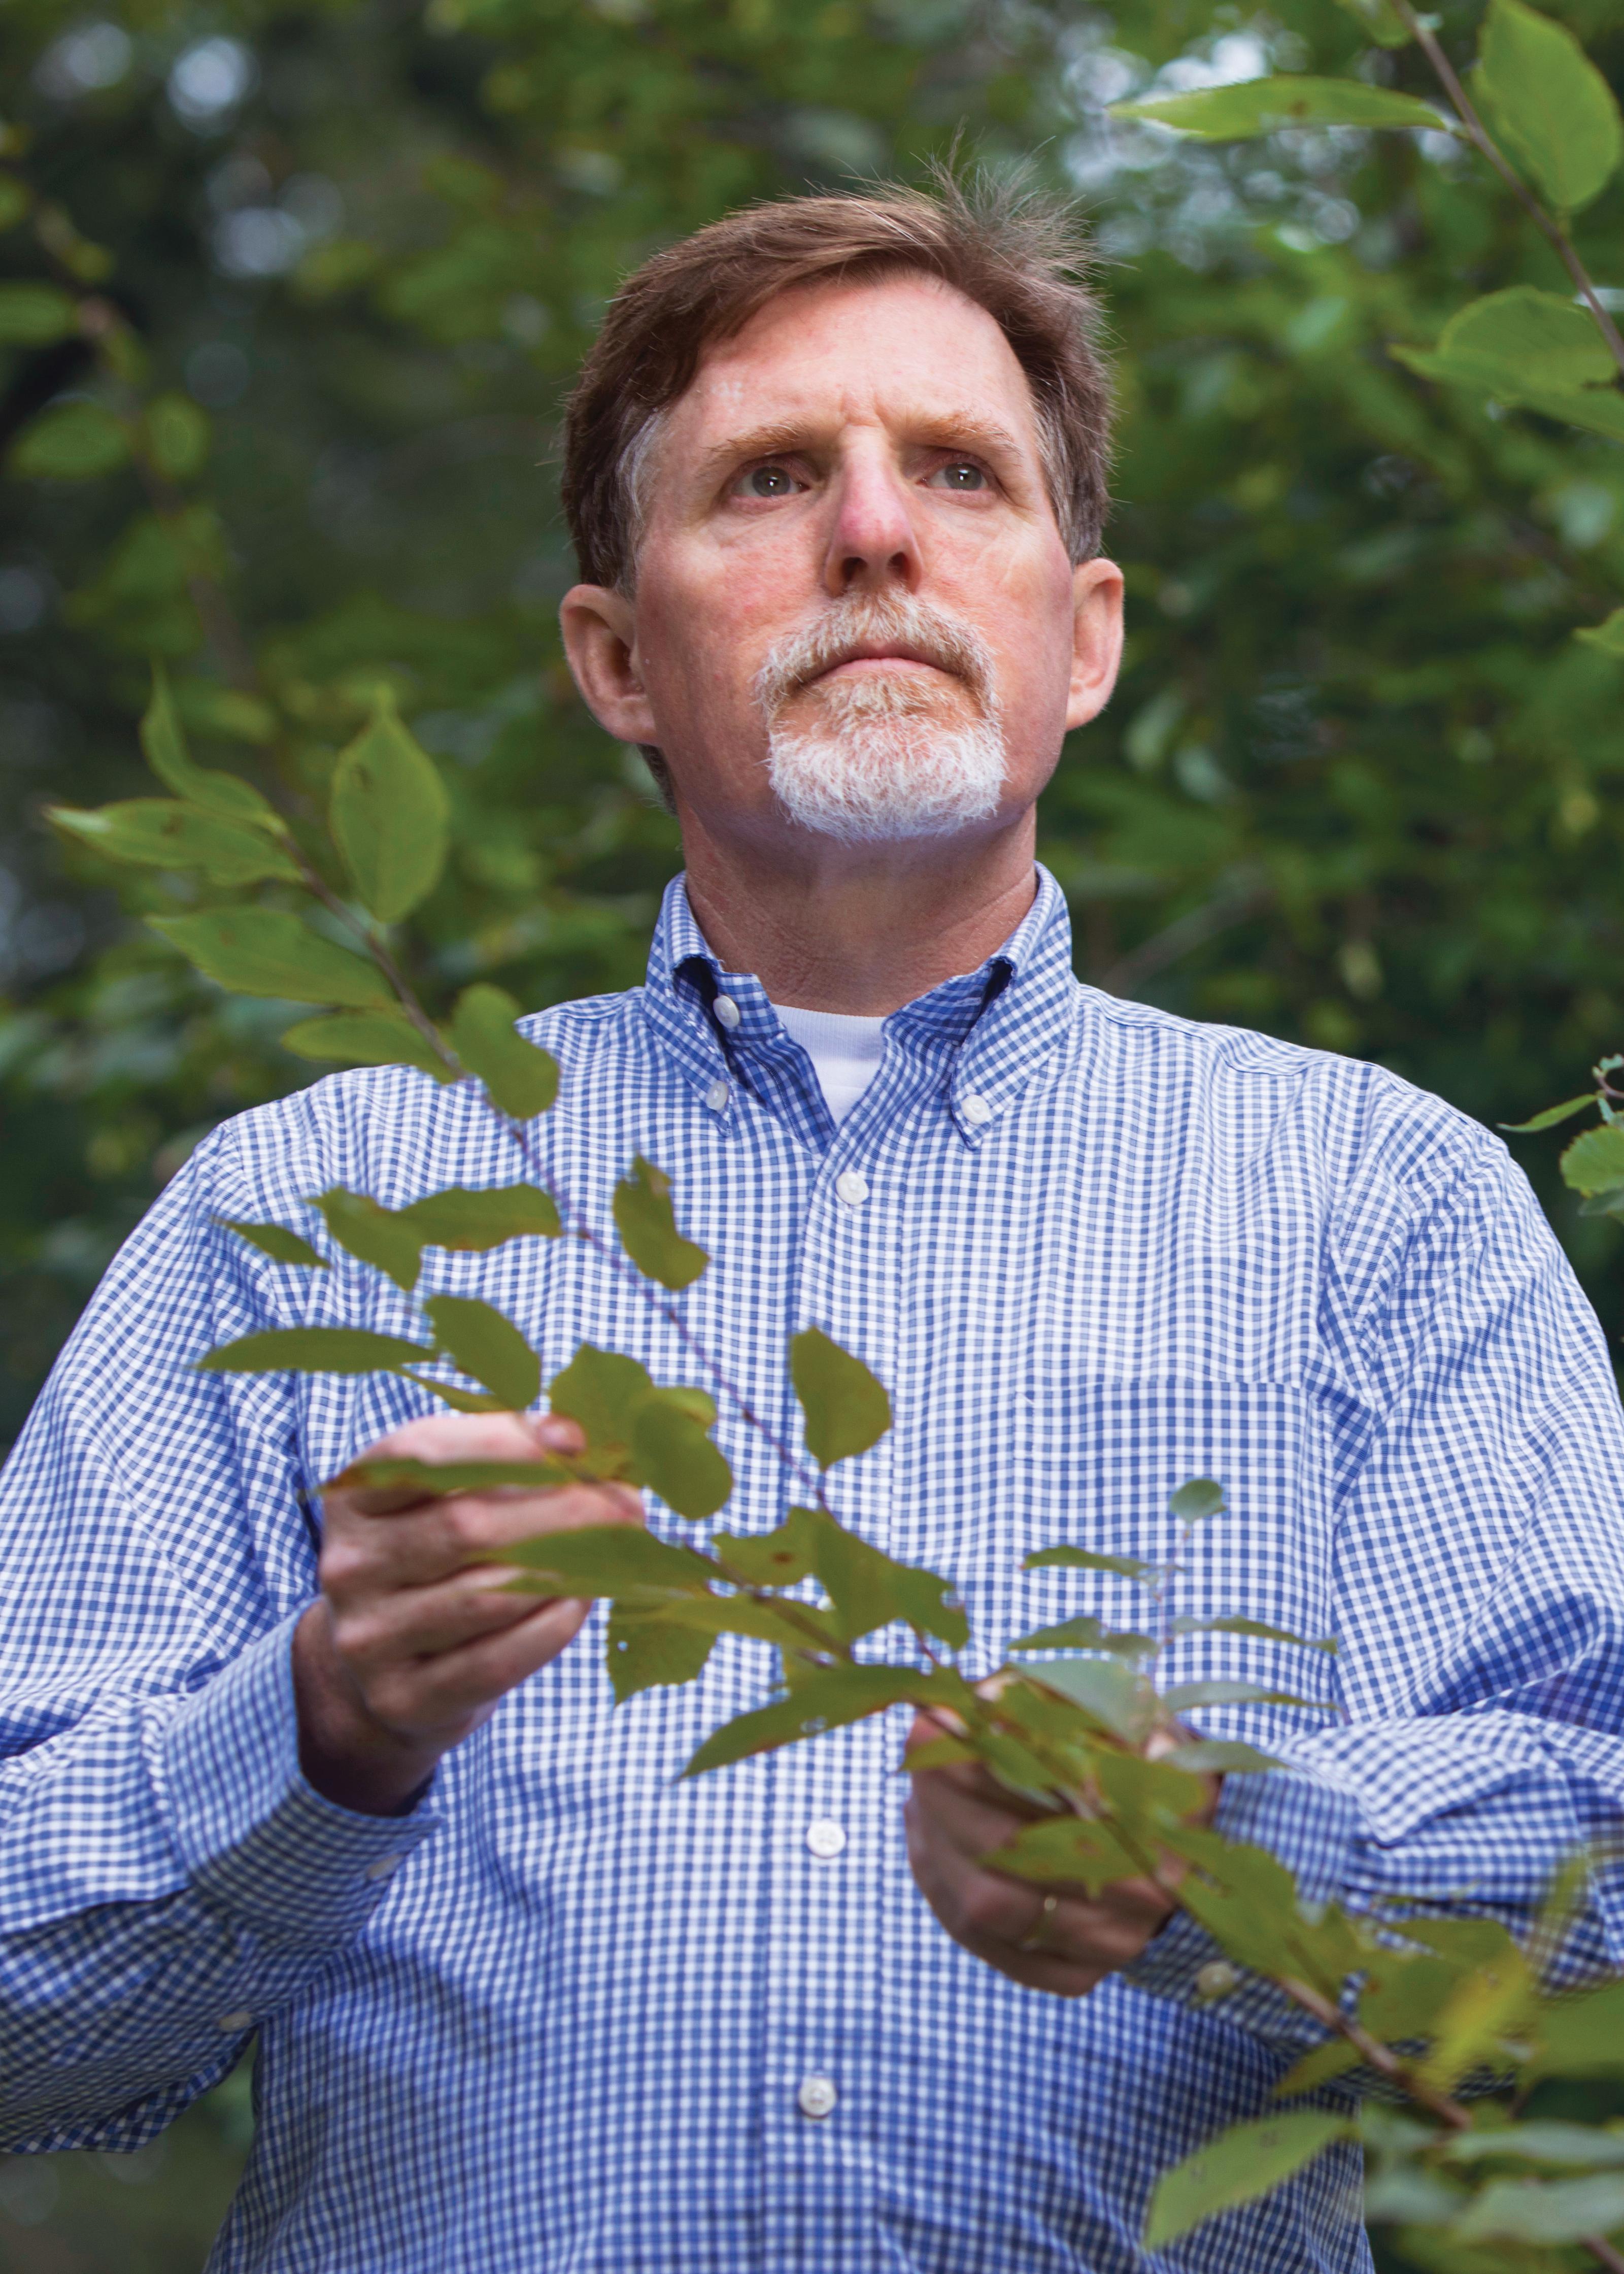 Greg Dahle at the arboretum.